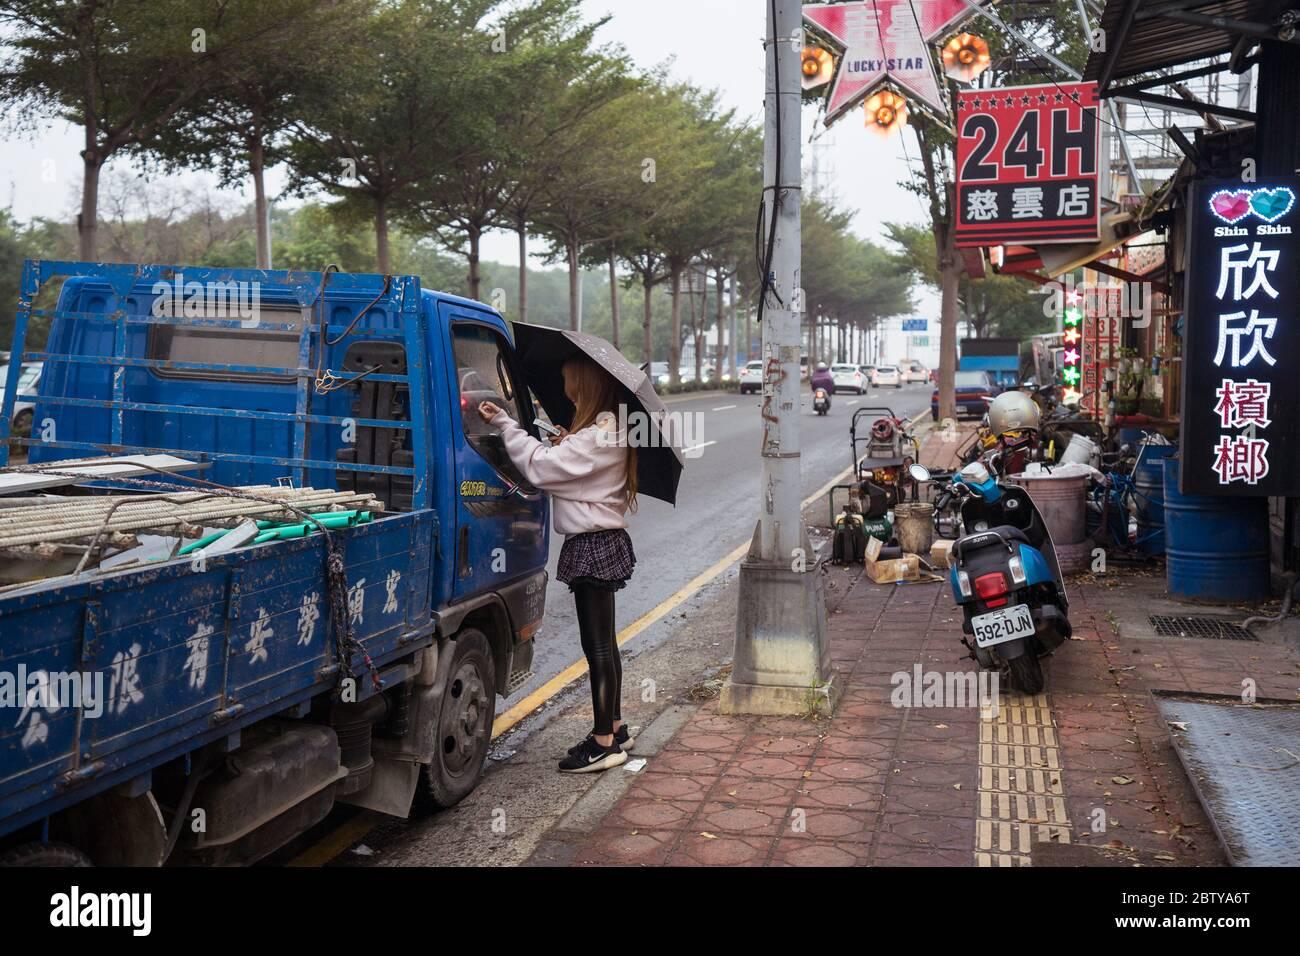 Hsinchu / Taiwan - 15. September 2019: Geschäfte, die Betelnüsse in den Straßen einer Stadt in Taiwan verkaufen Stockfoto